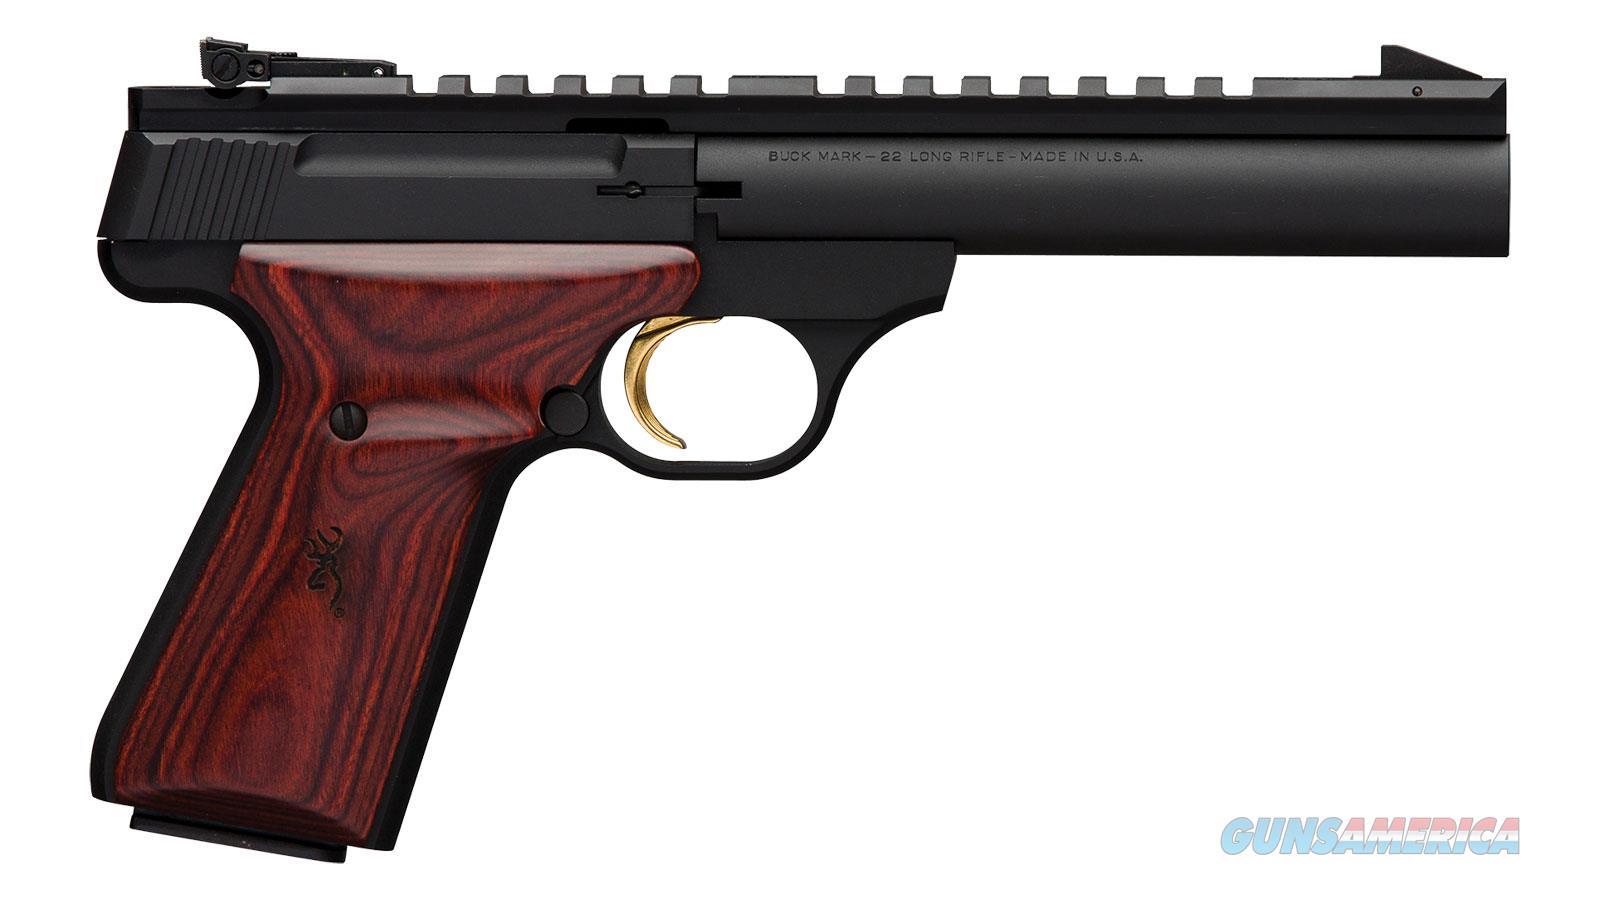 Browning Buck Mark Field Tgt 22Lr 5.5 As Pic Rail 051528490  Guns > Pistols > B Misc Pistols